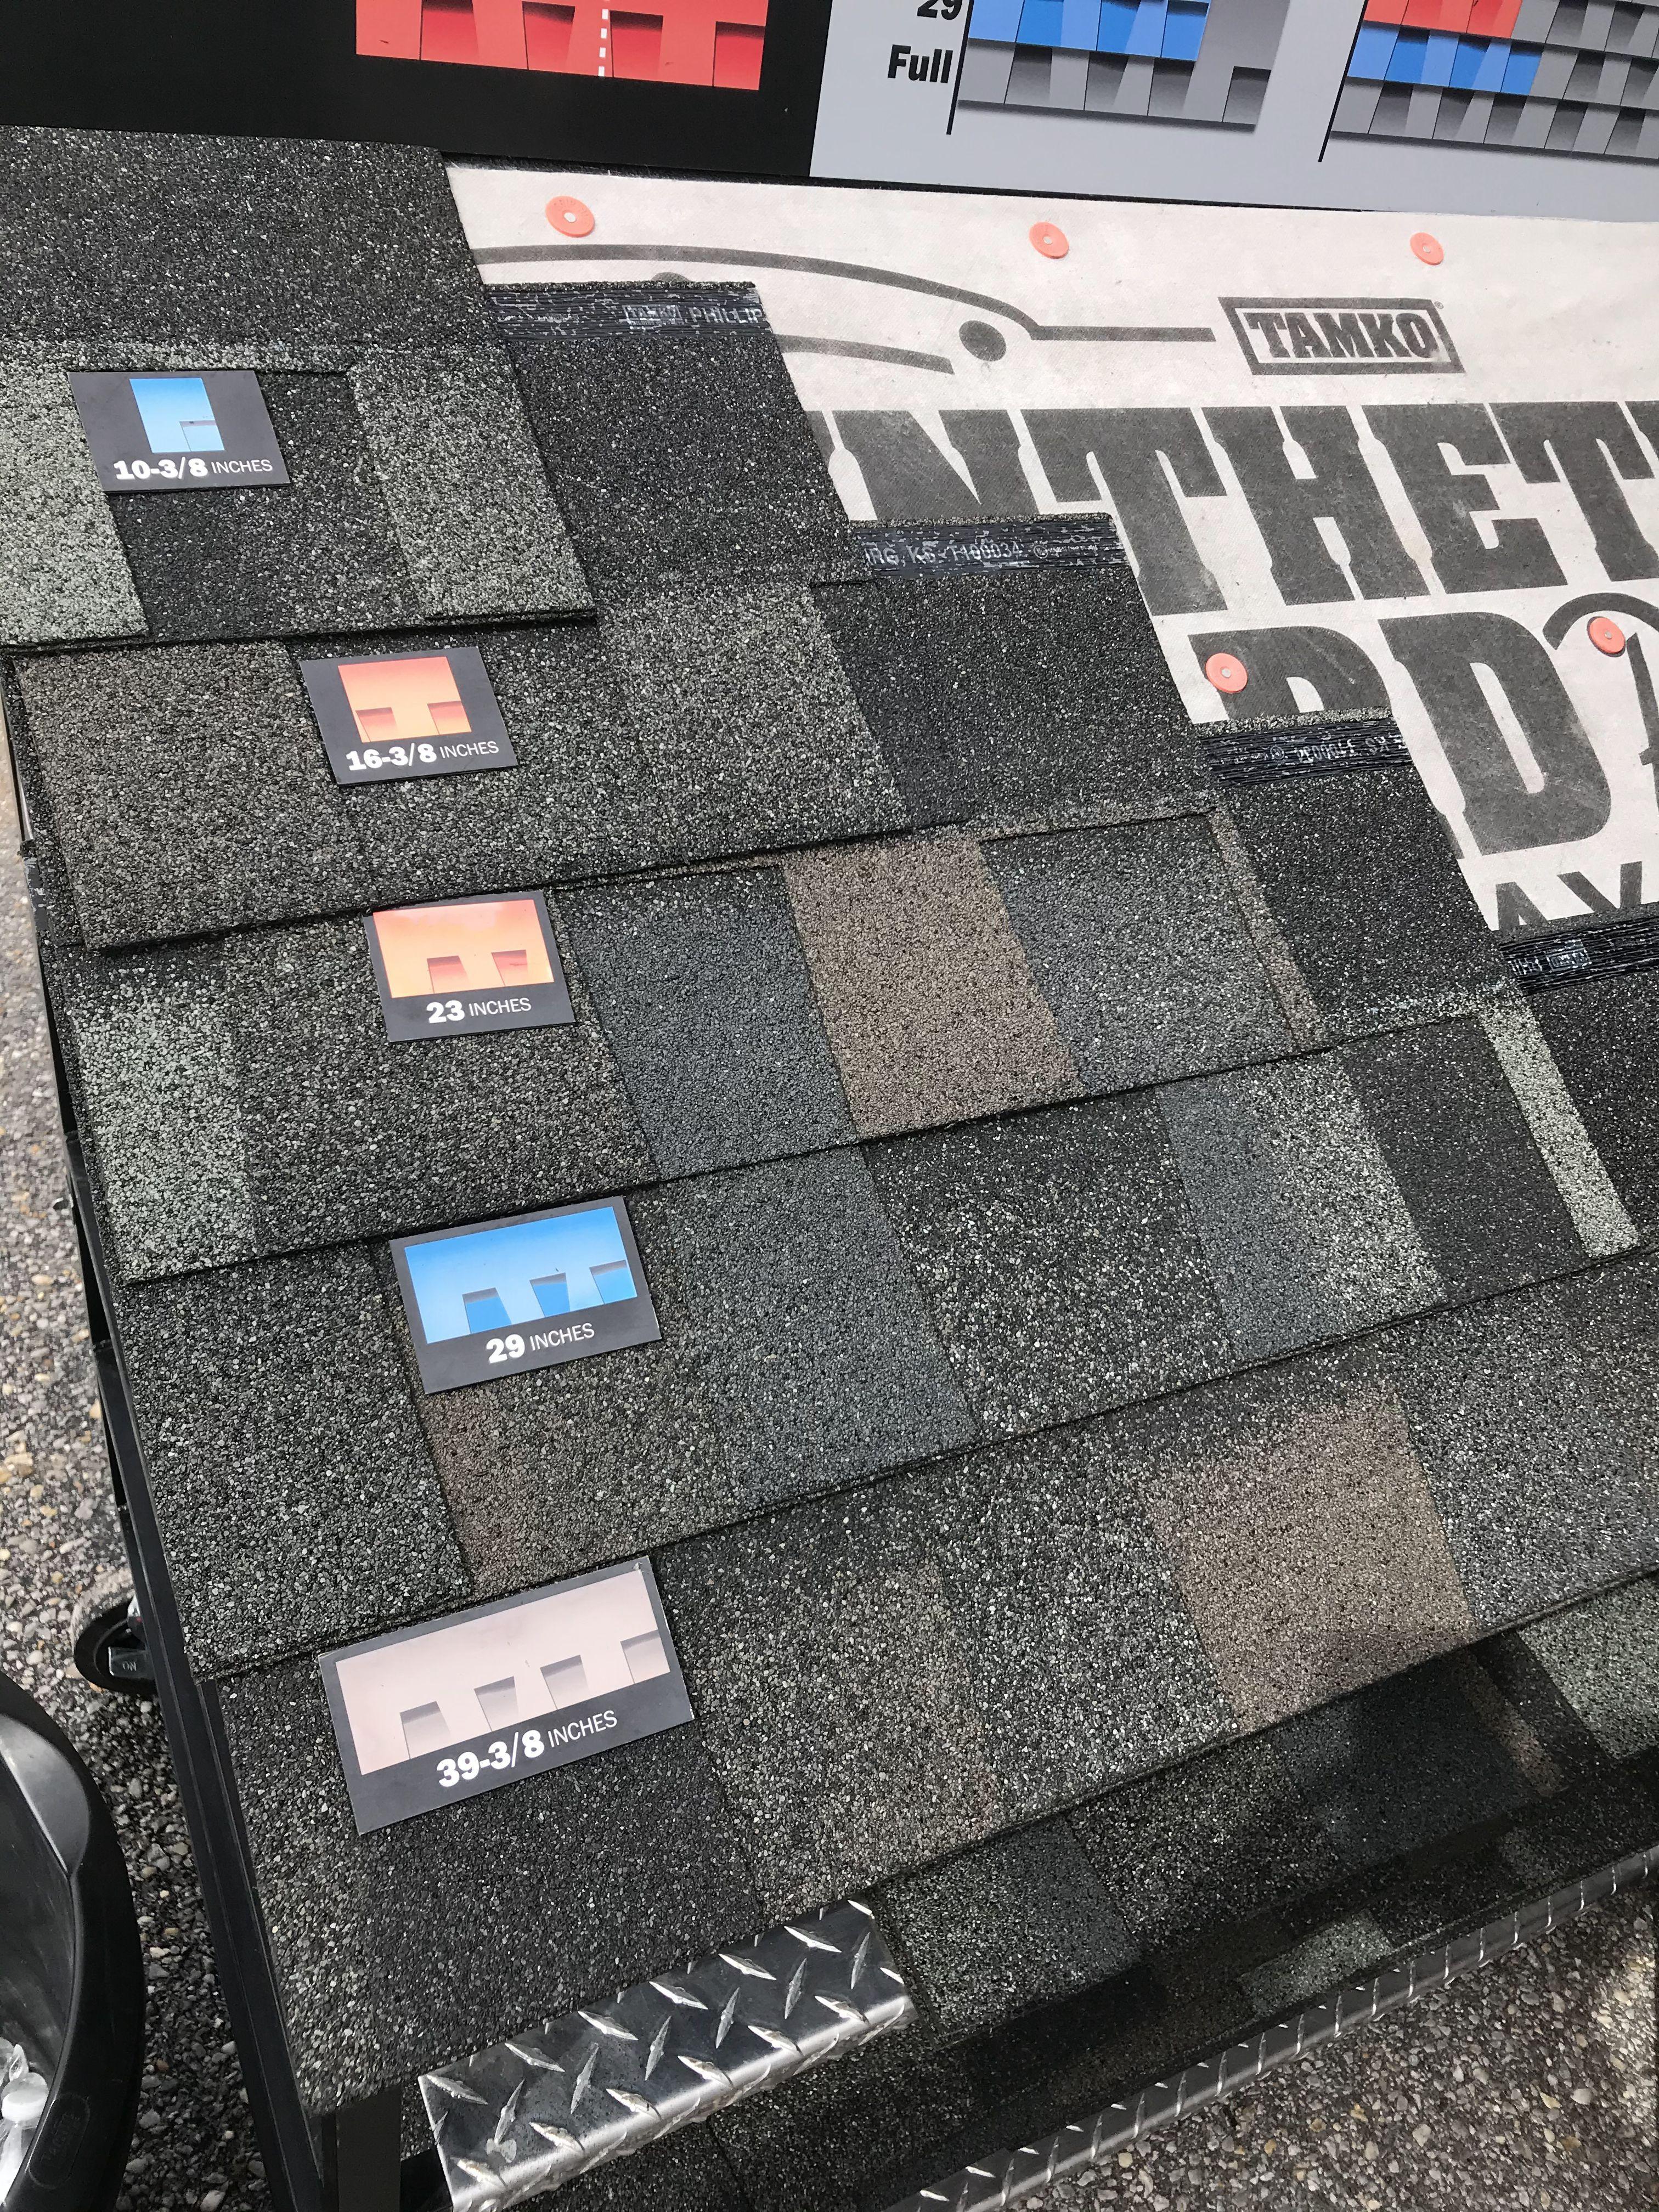 Tamko Rick The Roofer Mobile Al Spec Building